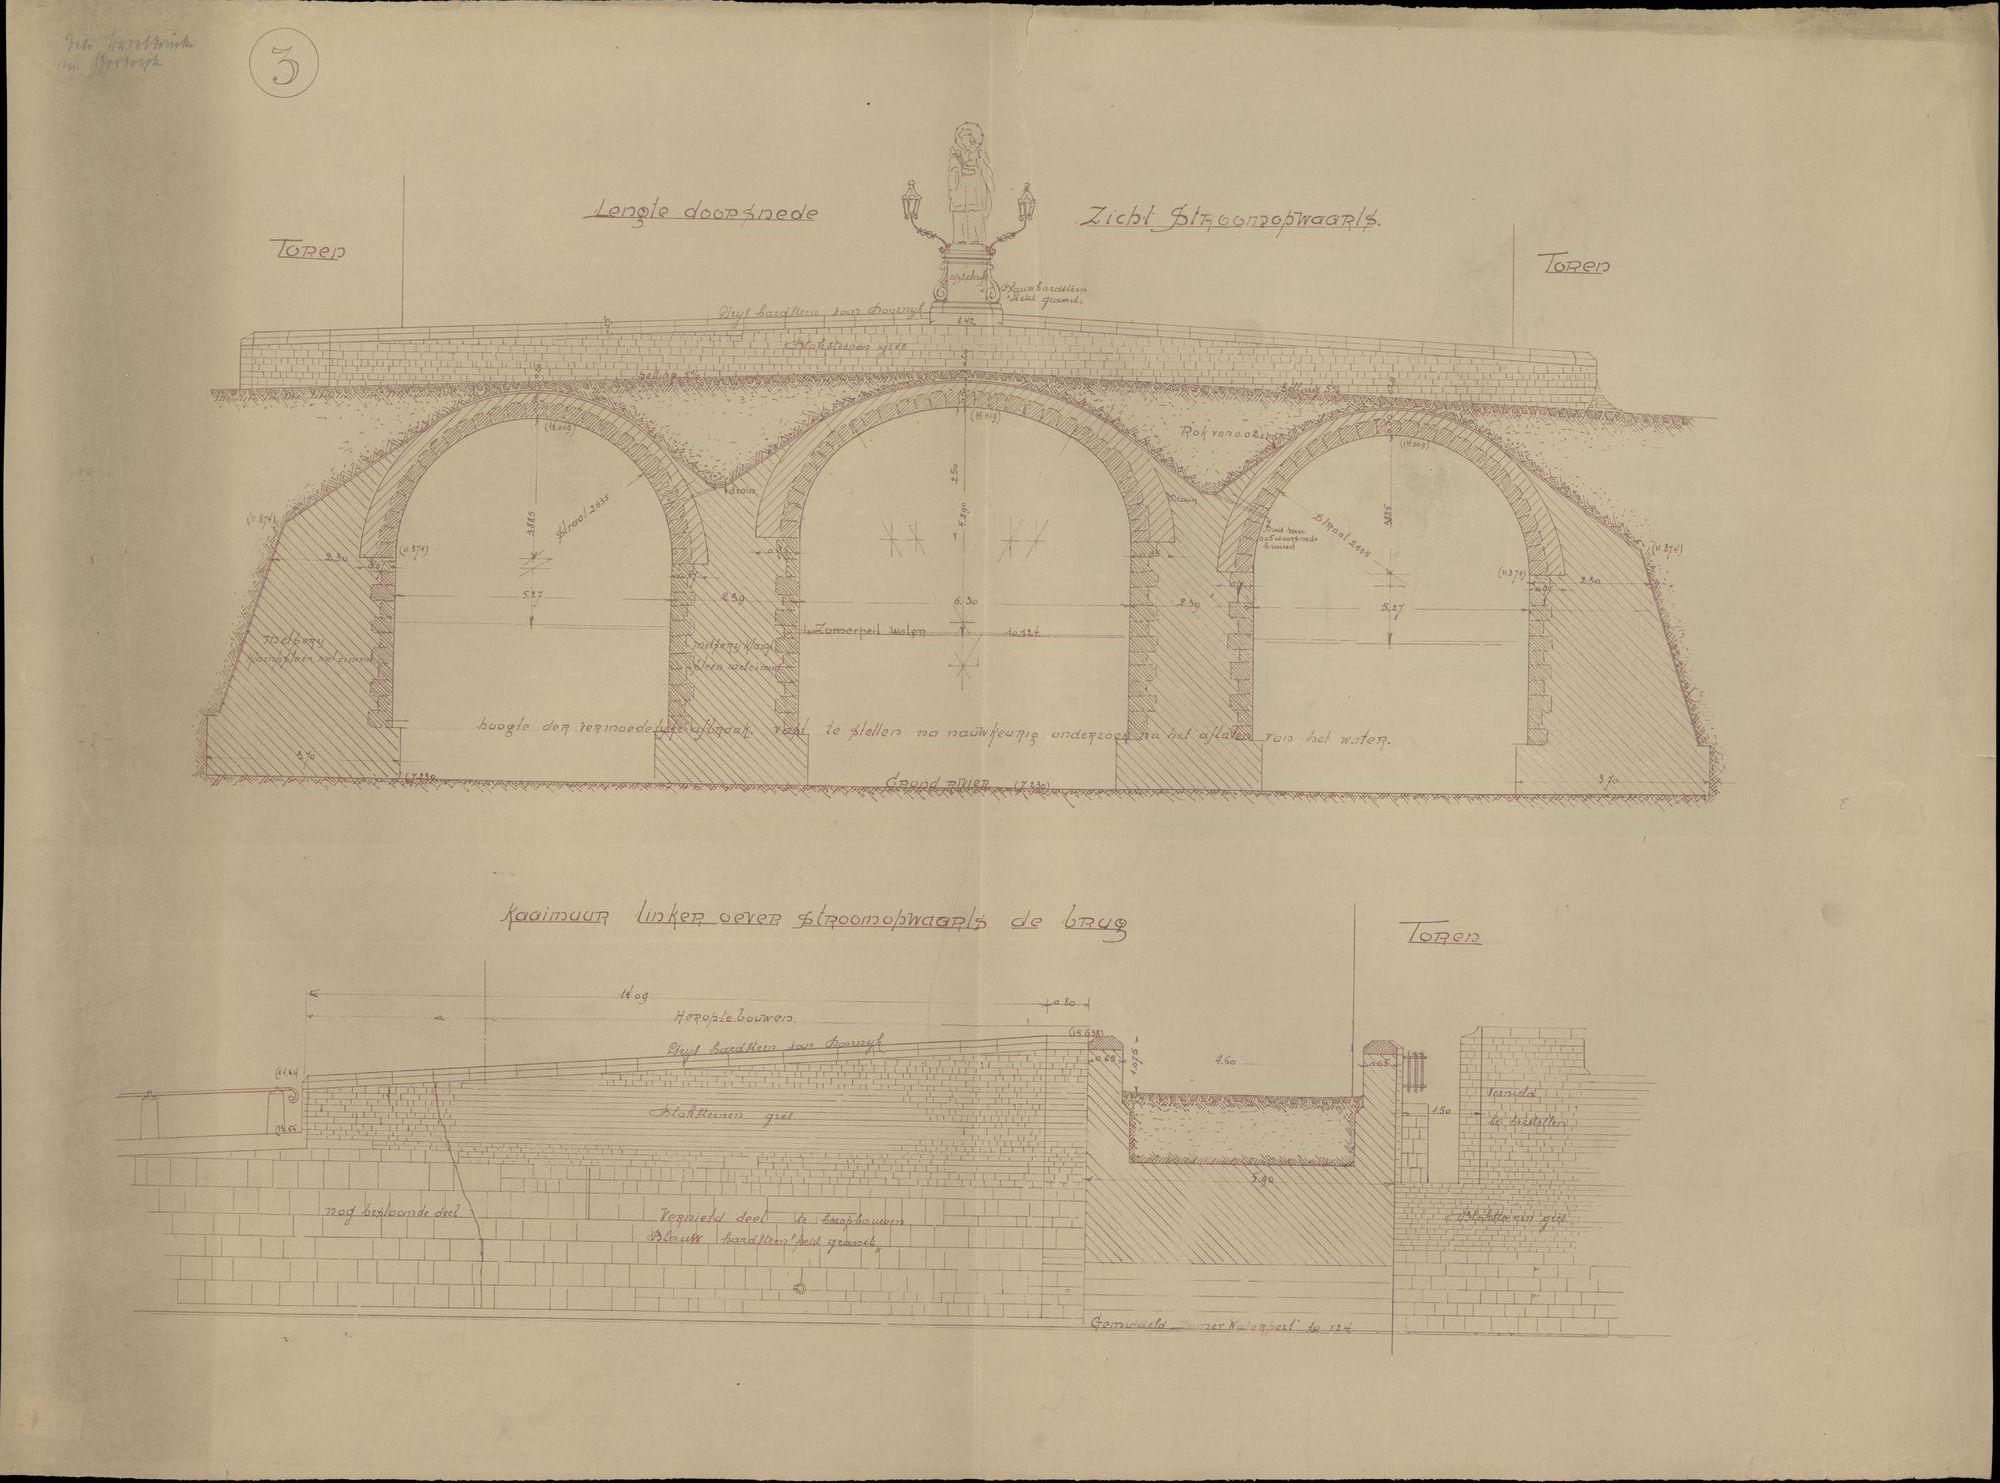 Plattegronden i.v.m. het heropbouwen van de Broelbrug te Kortrijk vernield door oorlogsfeiten, 1941